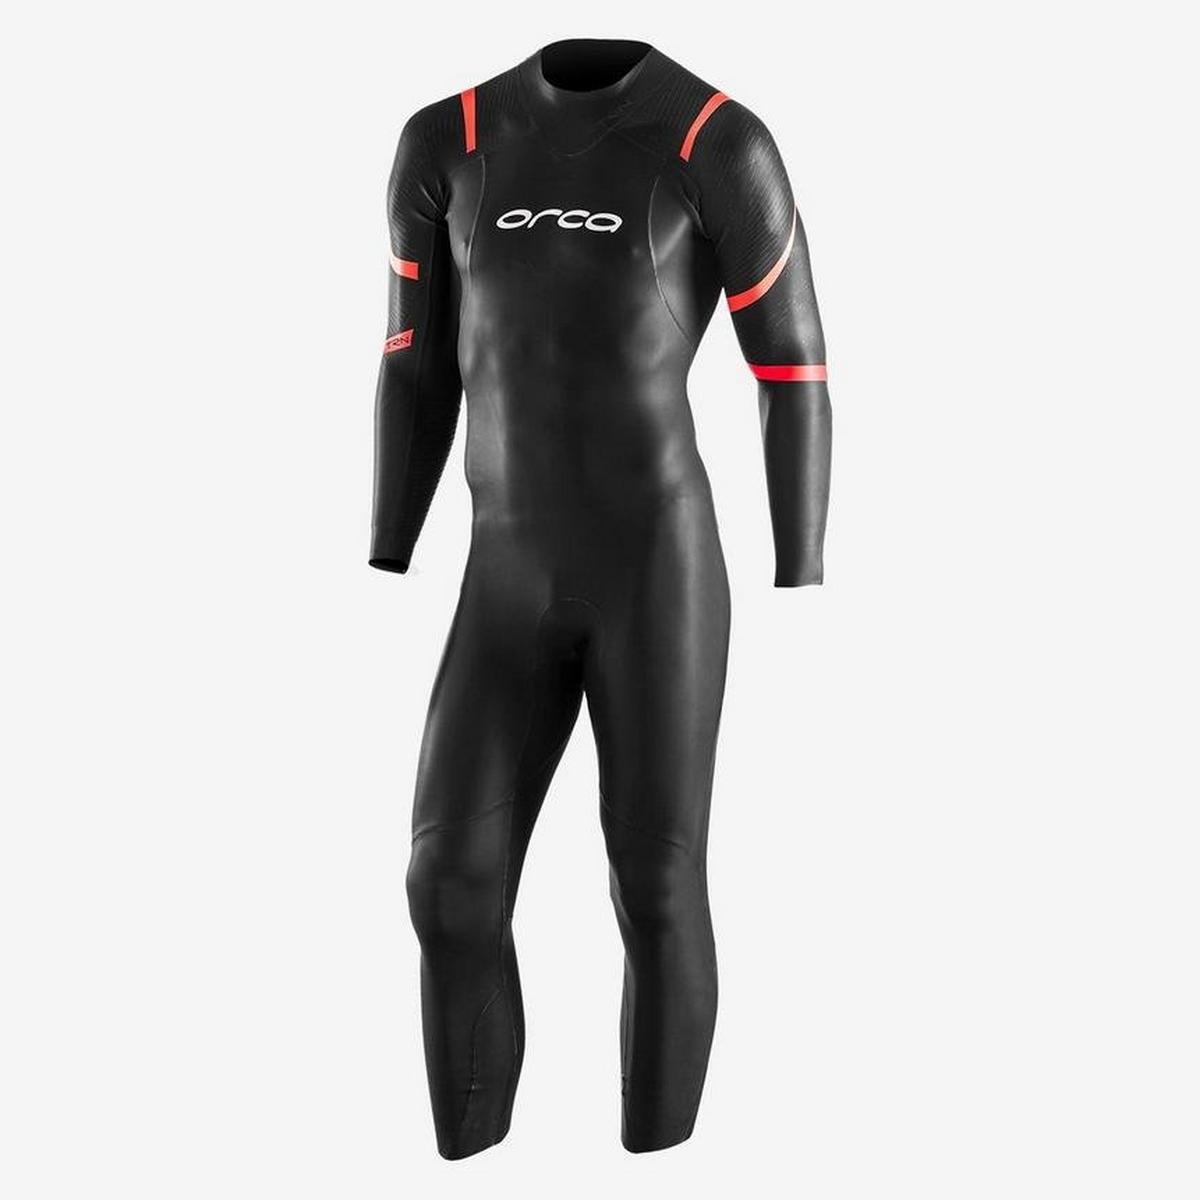 Orca Men's Openwater Core TRN Wetsuit - Black